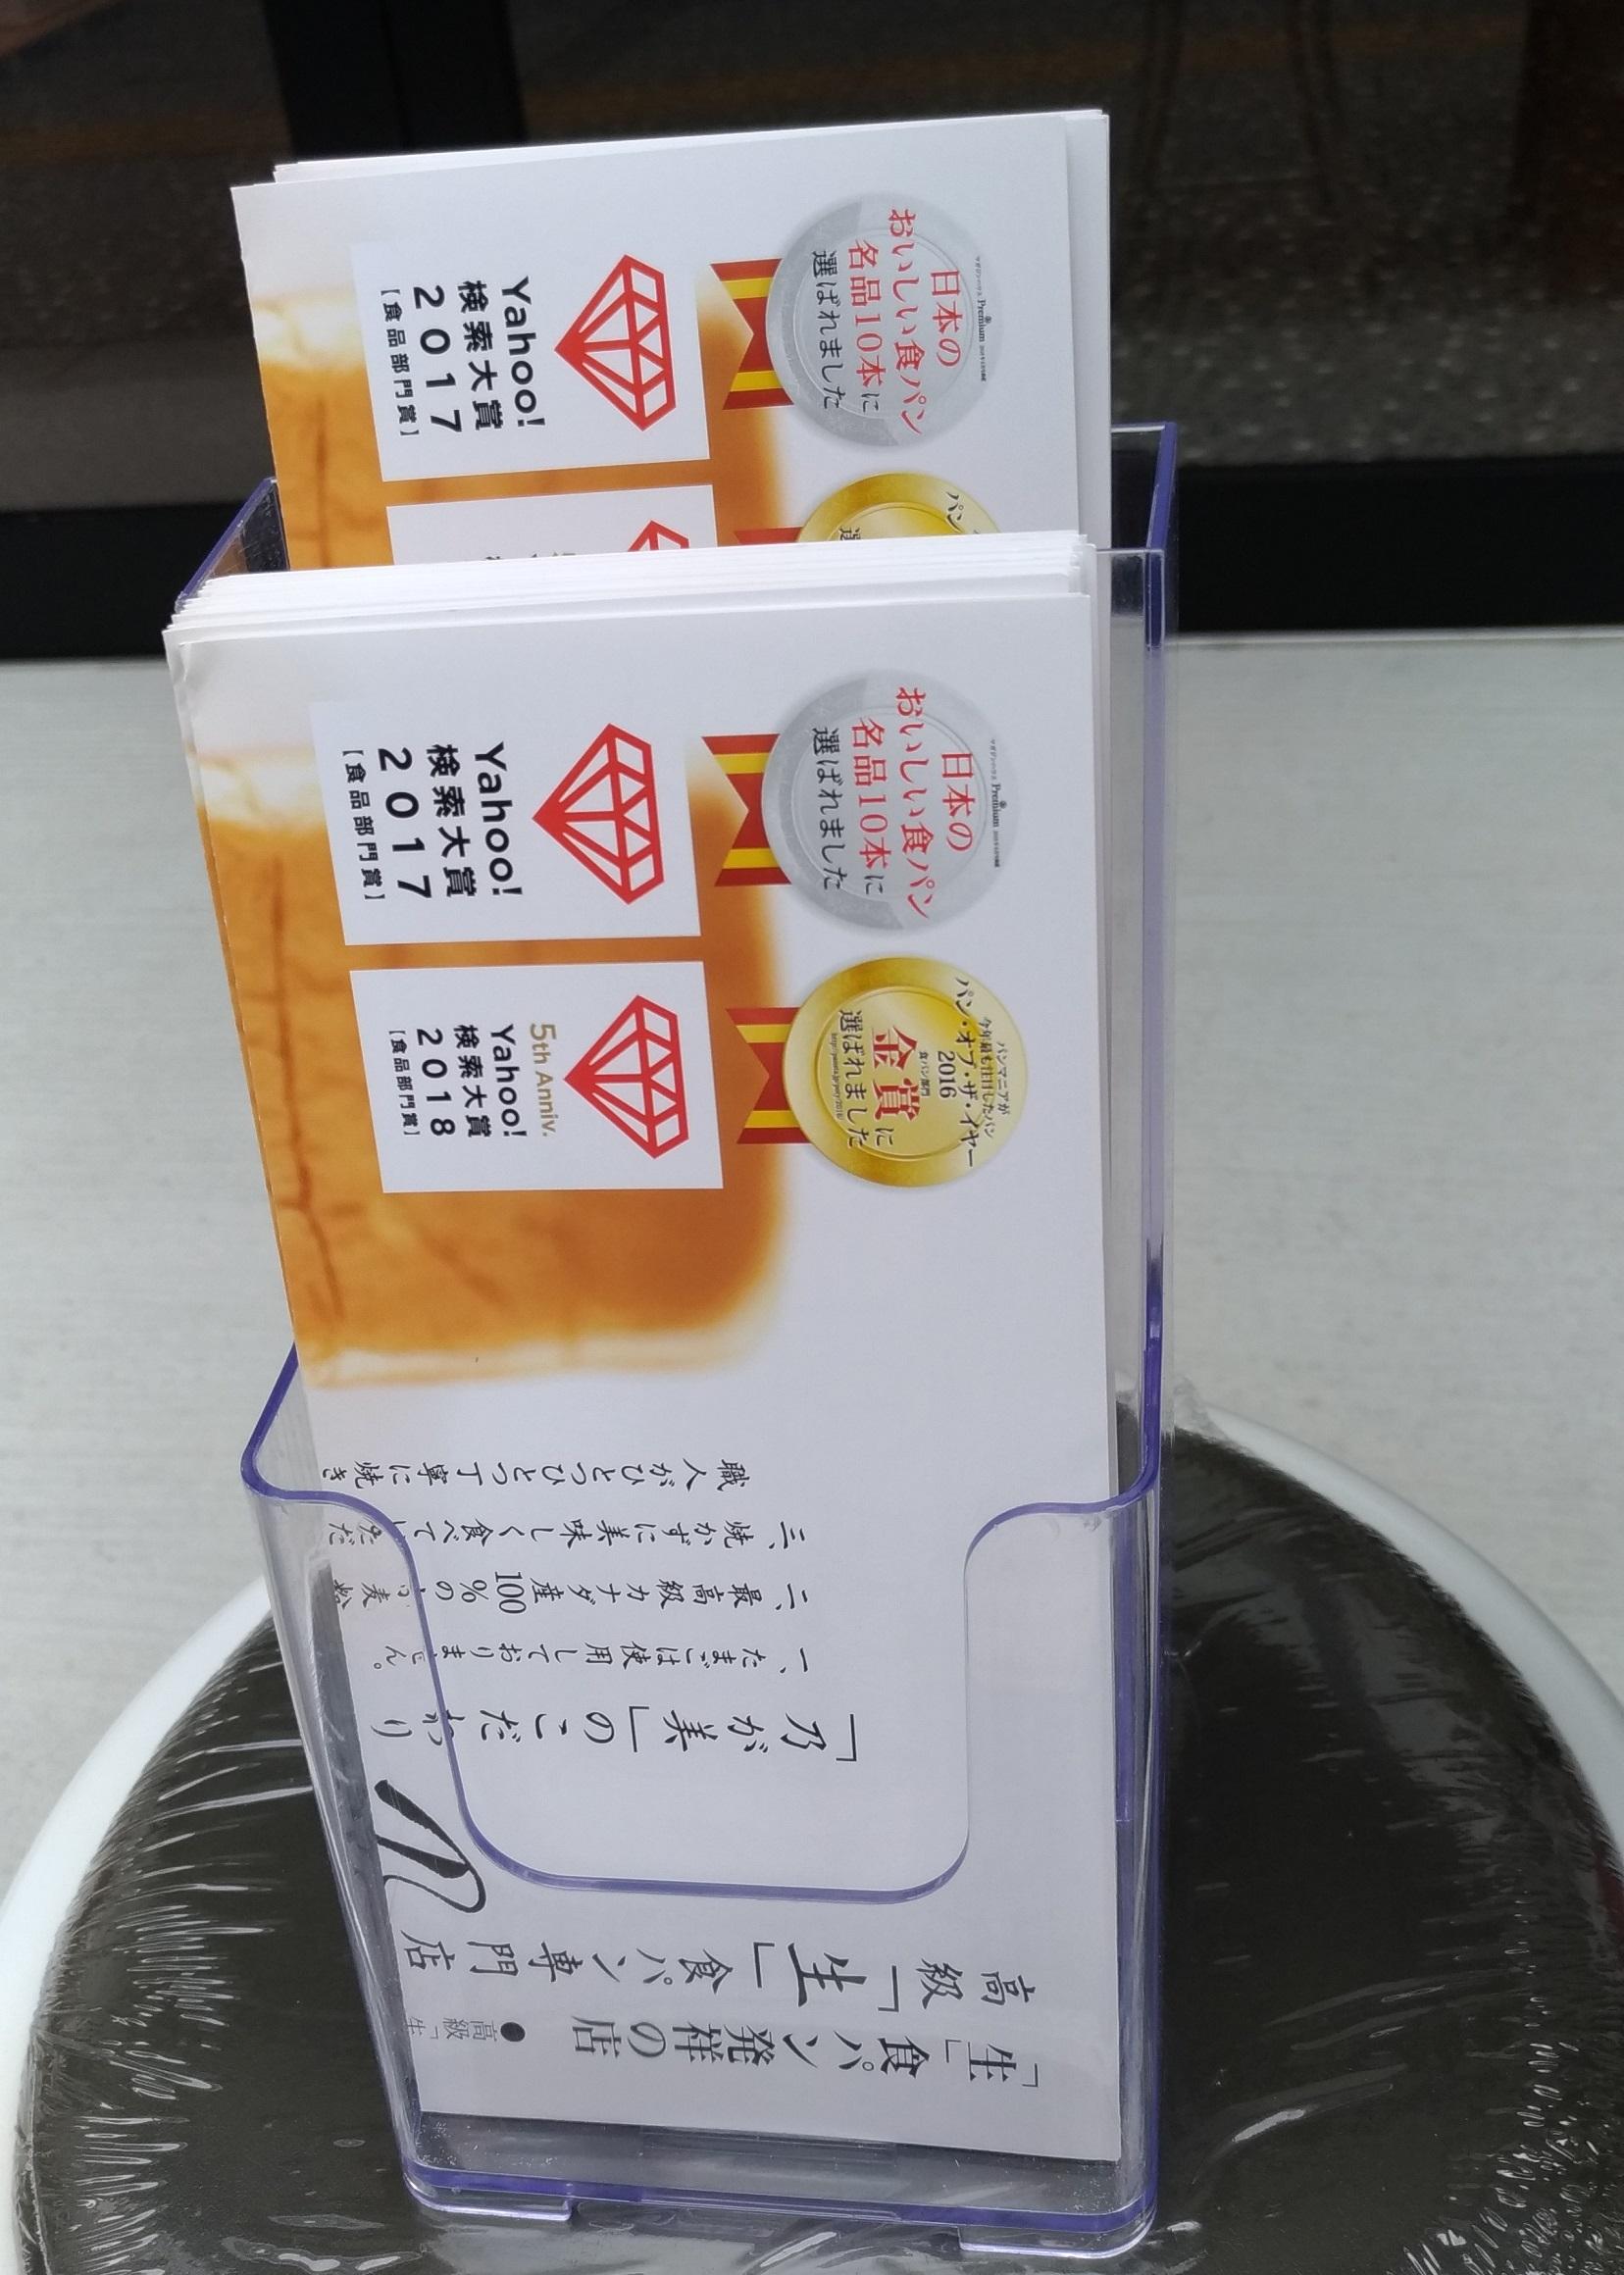 nogami_osaka_umeda_shokupan_3.jpg